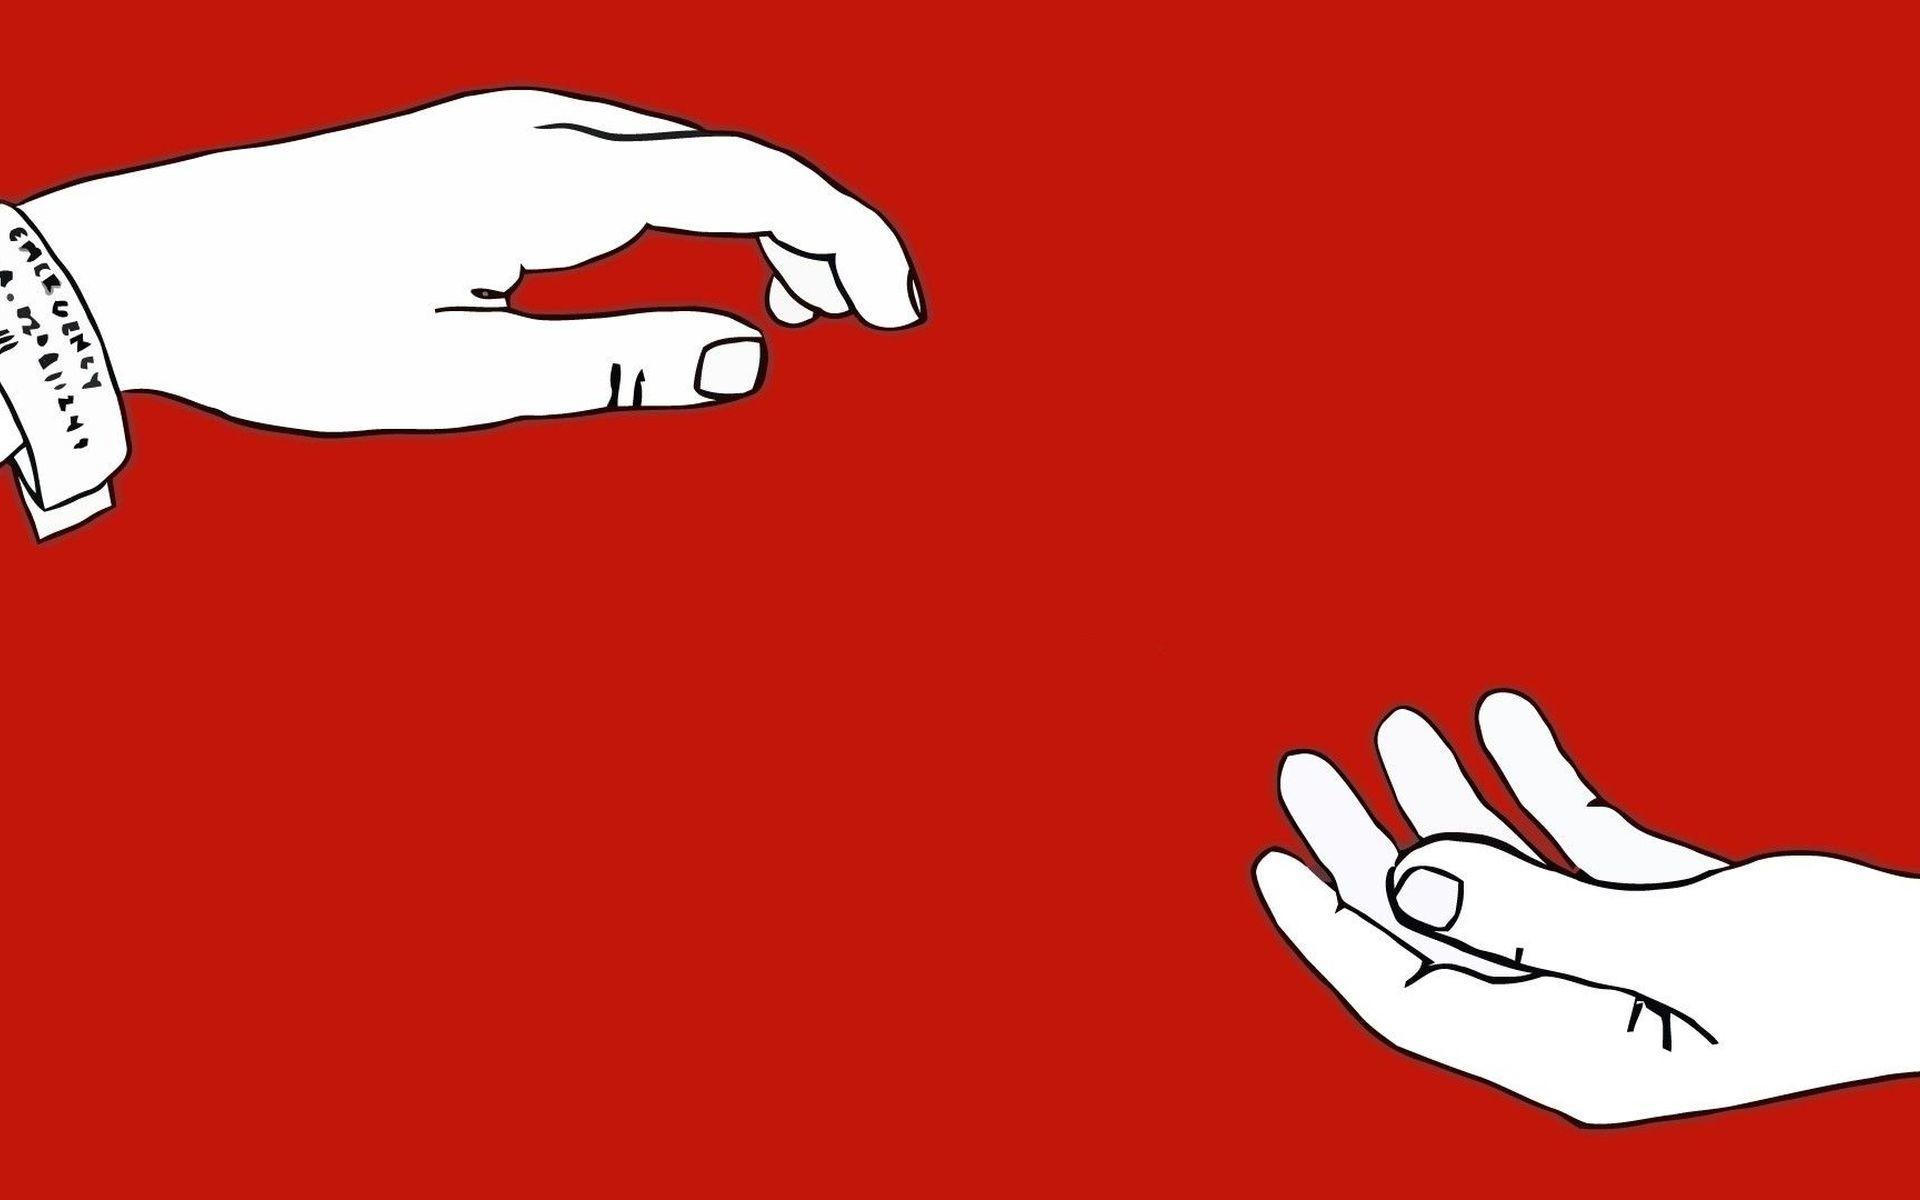 Indie Wallpaper Tumblr Indie Backgrounds Tumblr Indie: Patterns .